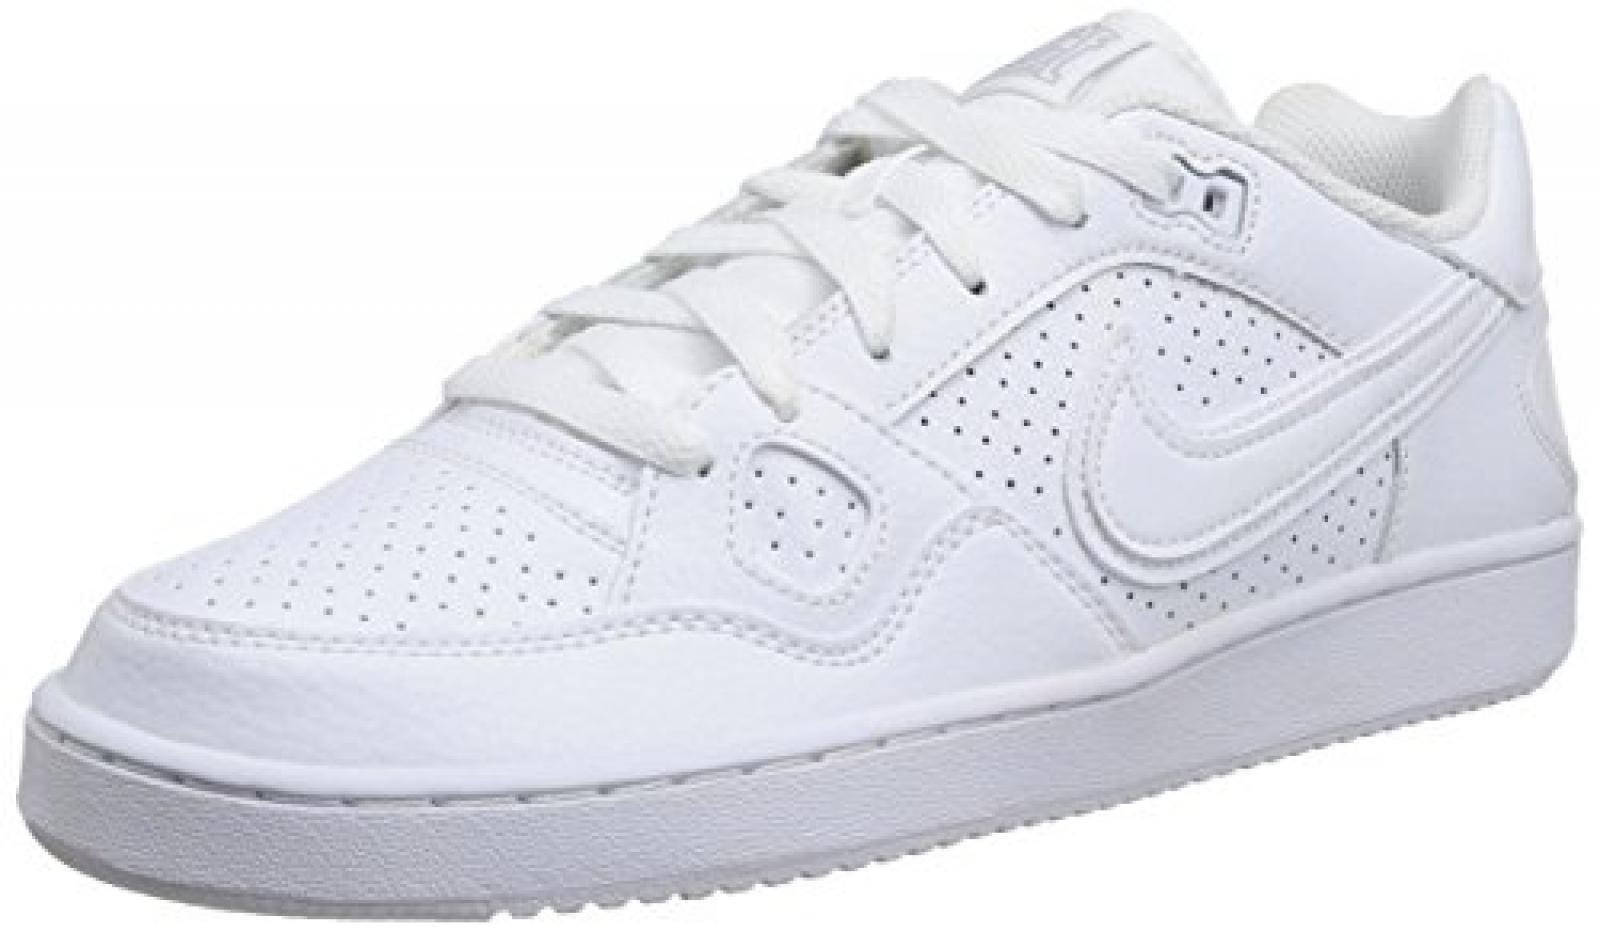 Nike 616775 005 Son Of Force Herren Sportschuhe - Running